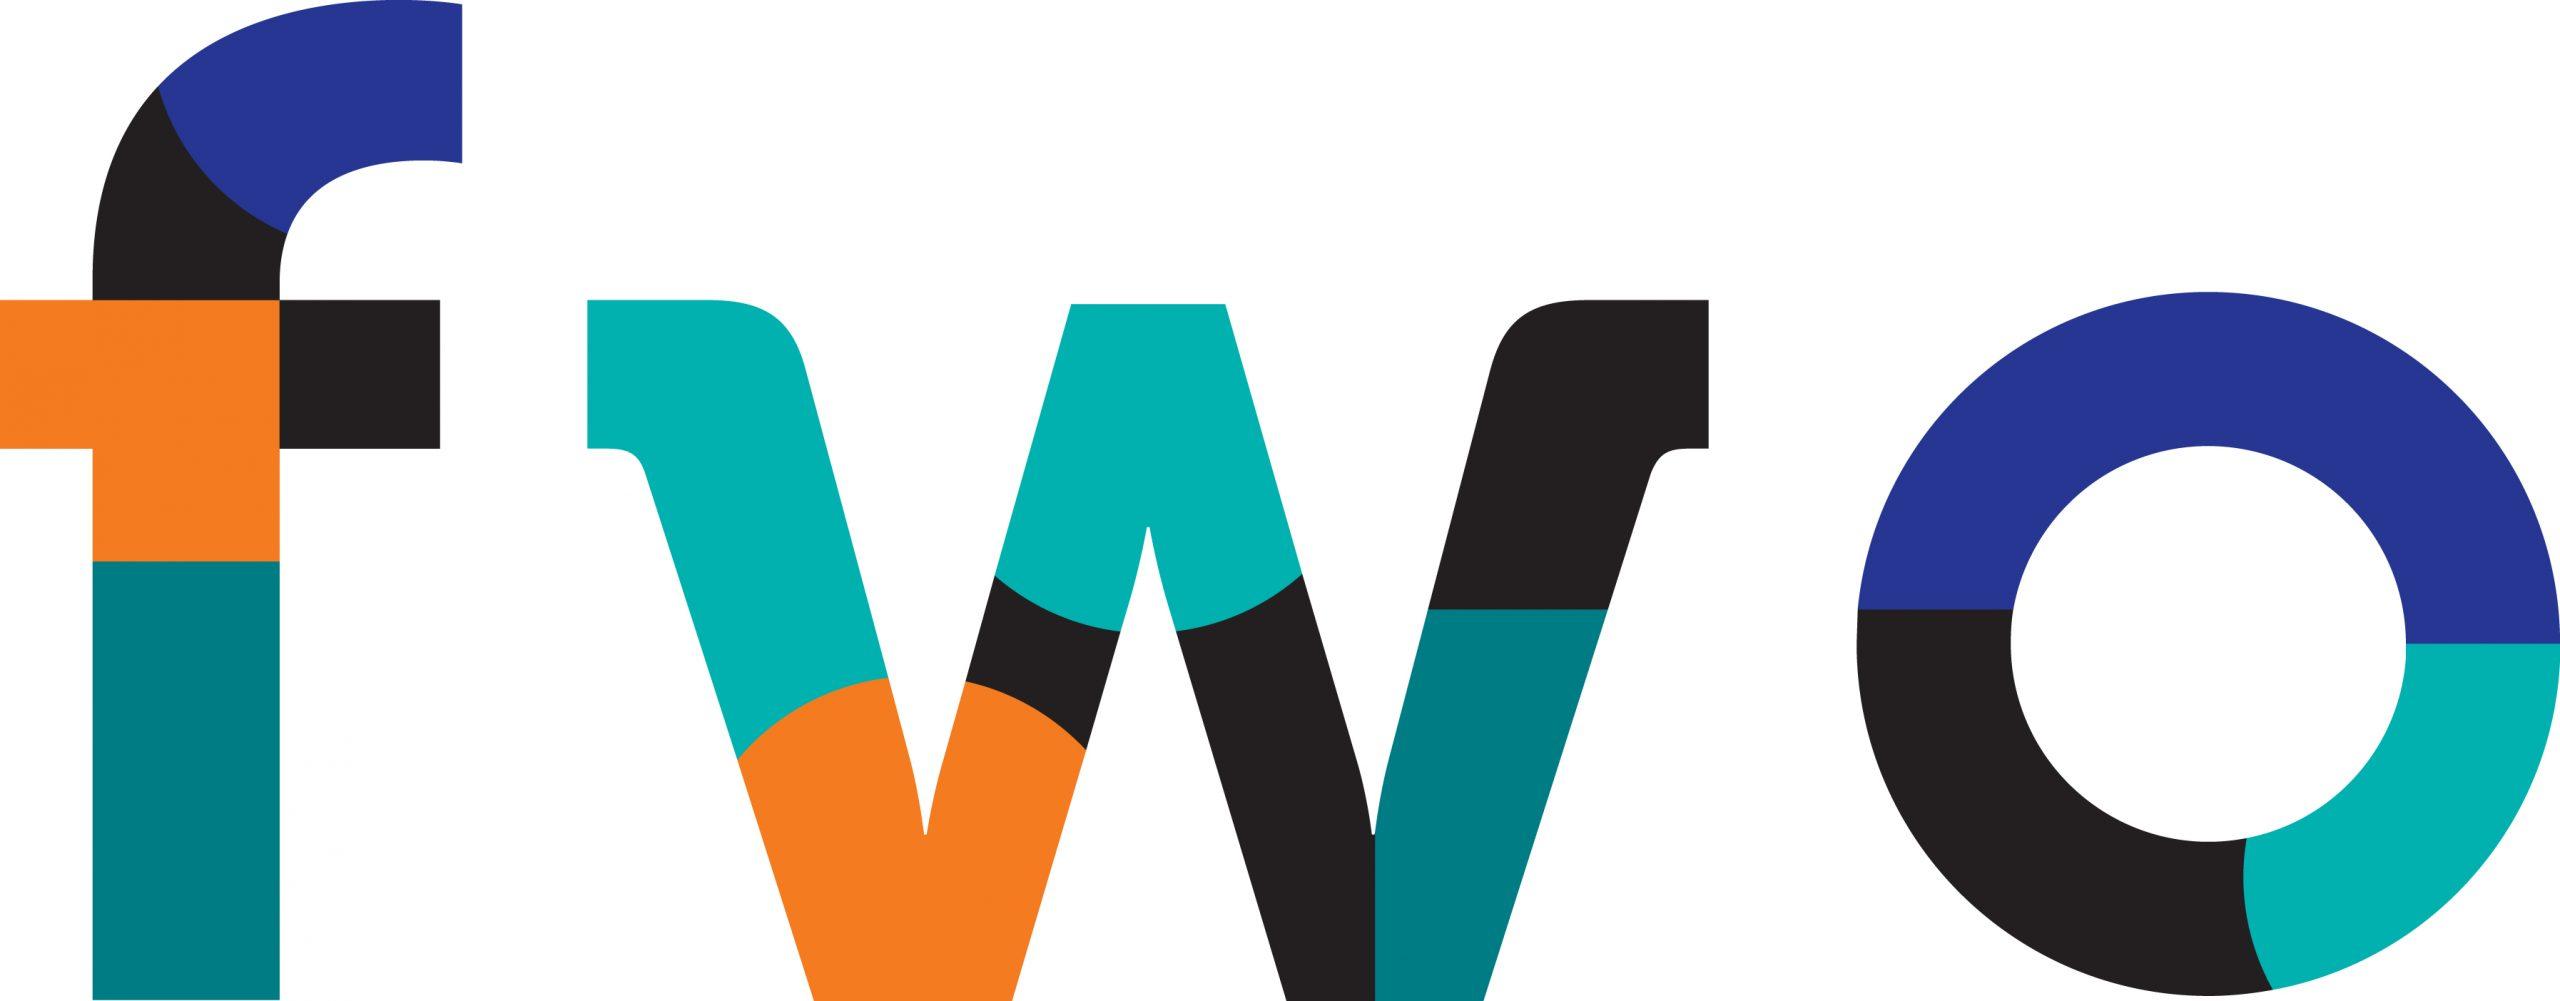 FWO - Opening new horizons